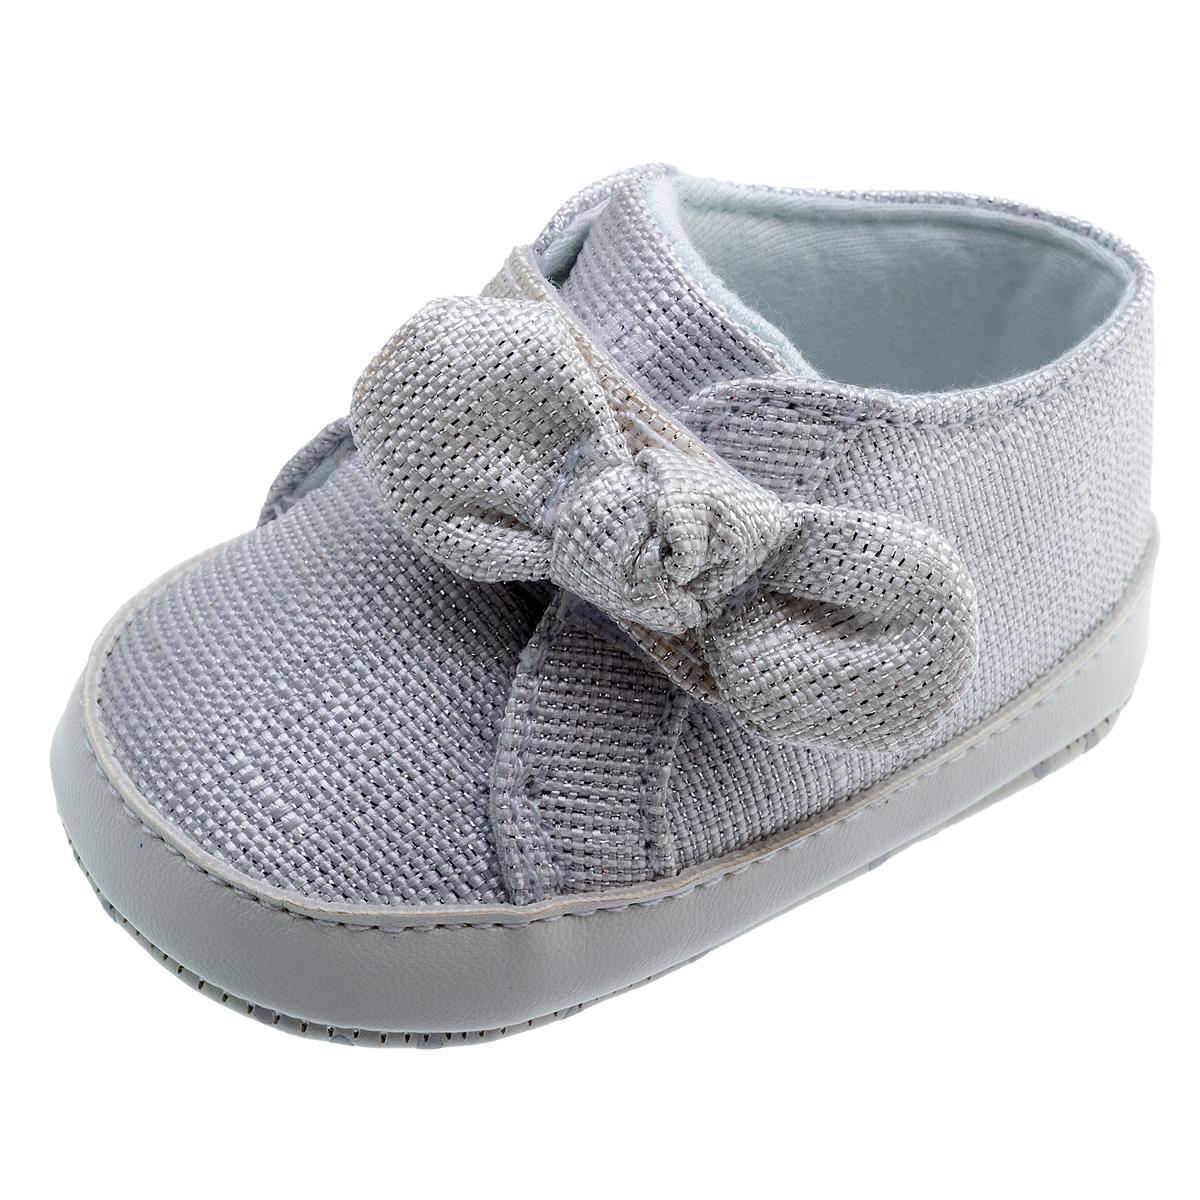 Pantofi Copii Chicco Ottina, Gri, 63114 imagine